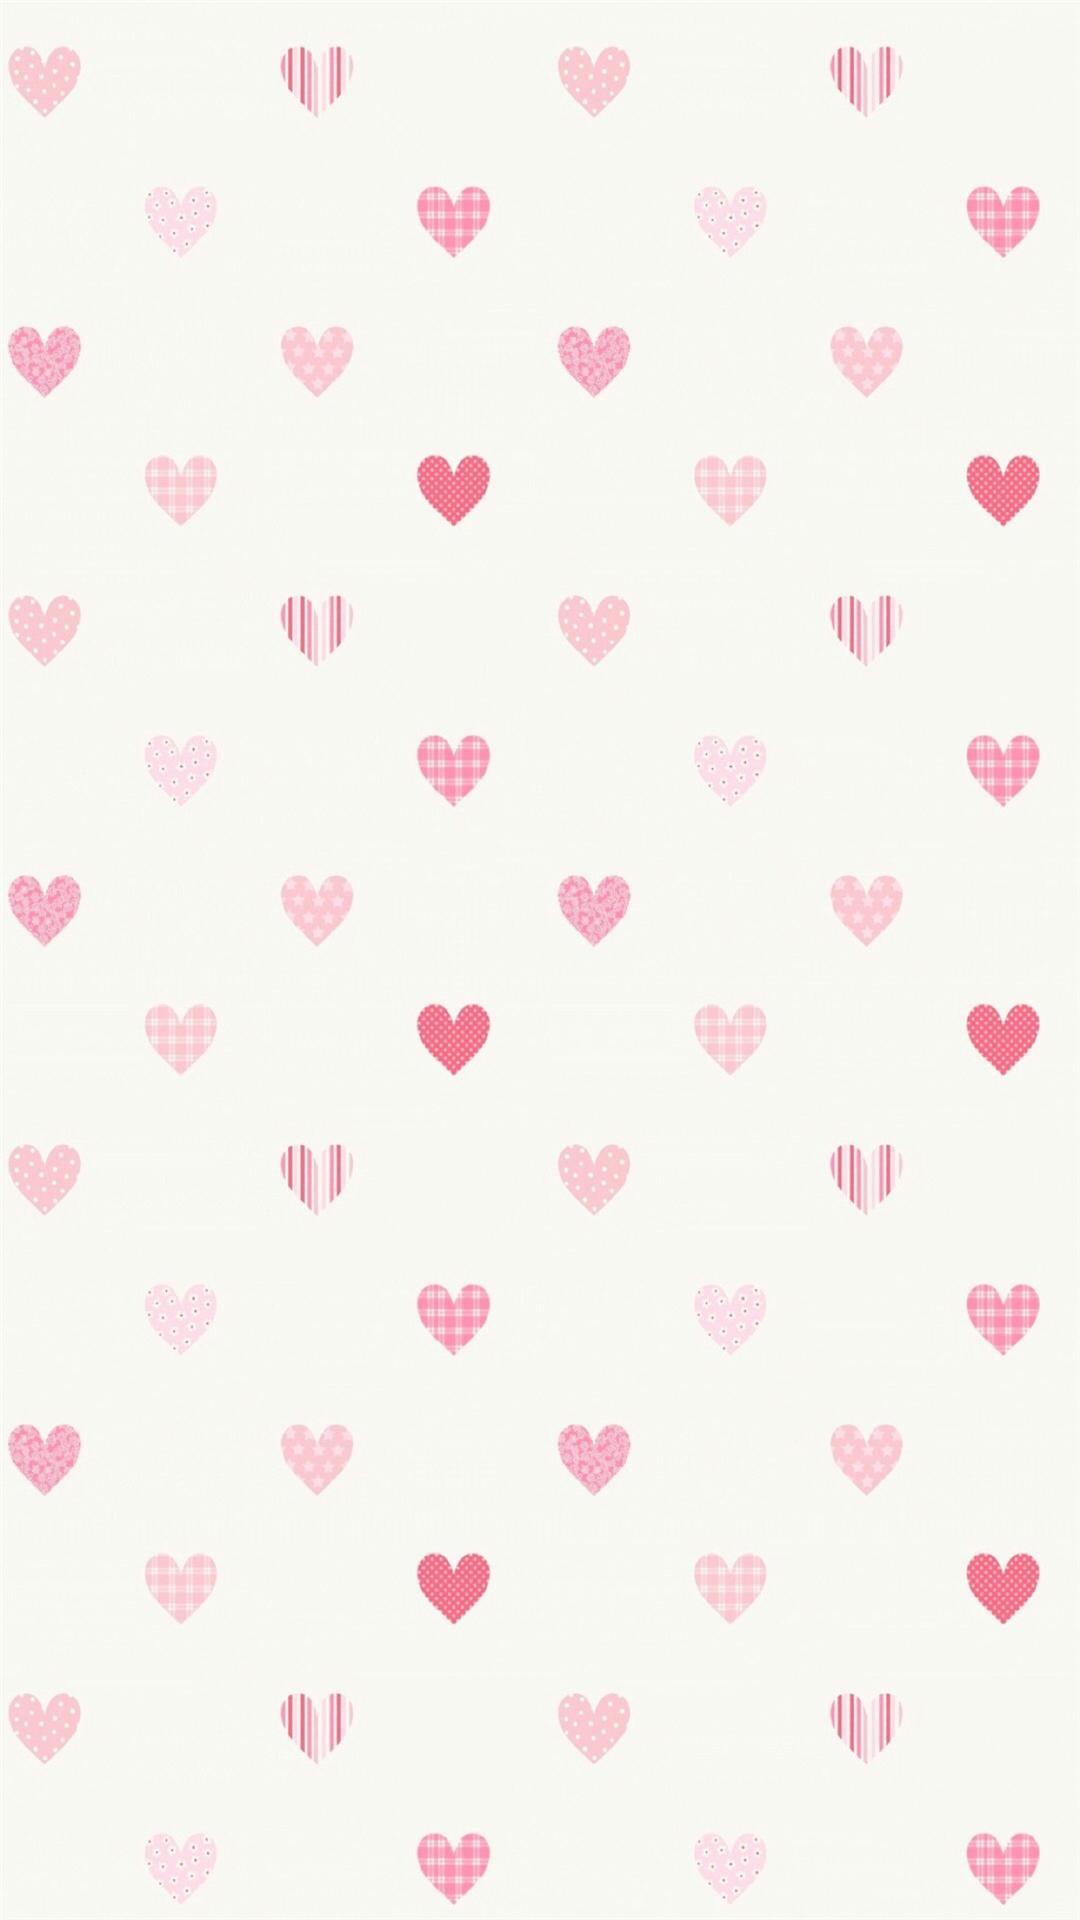 爱心 聊天背景 图案 心形 平铺 苹果手机高清壁纸 x